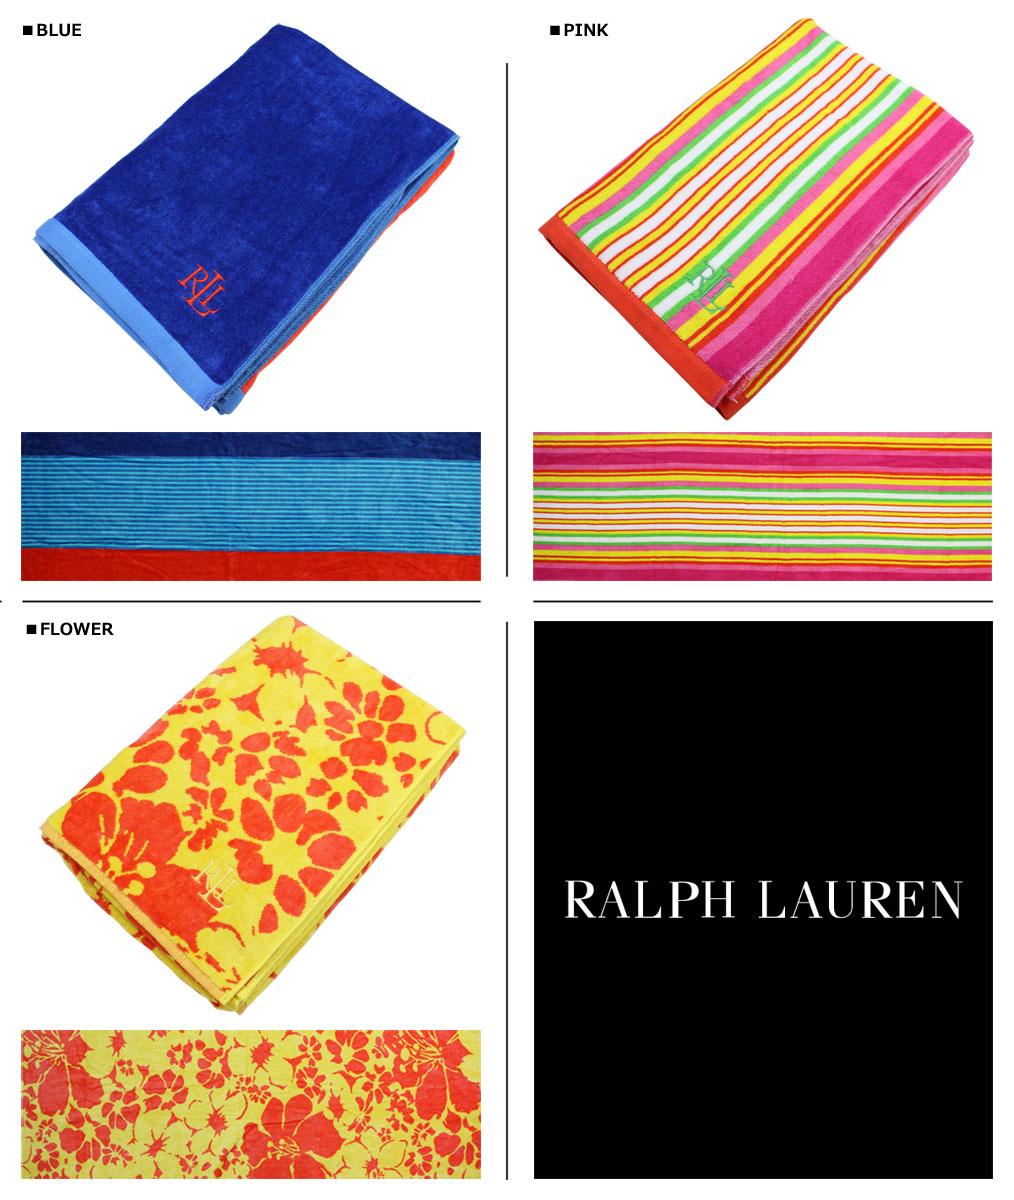 Ralph Lauren Mens Beach Towel: Rakuten Global Market: RALPH LAUREN